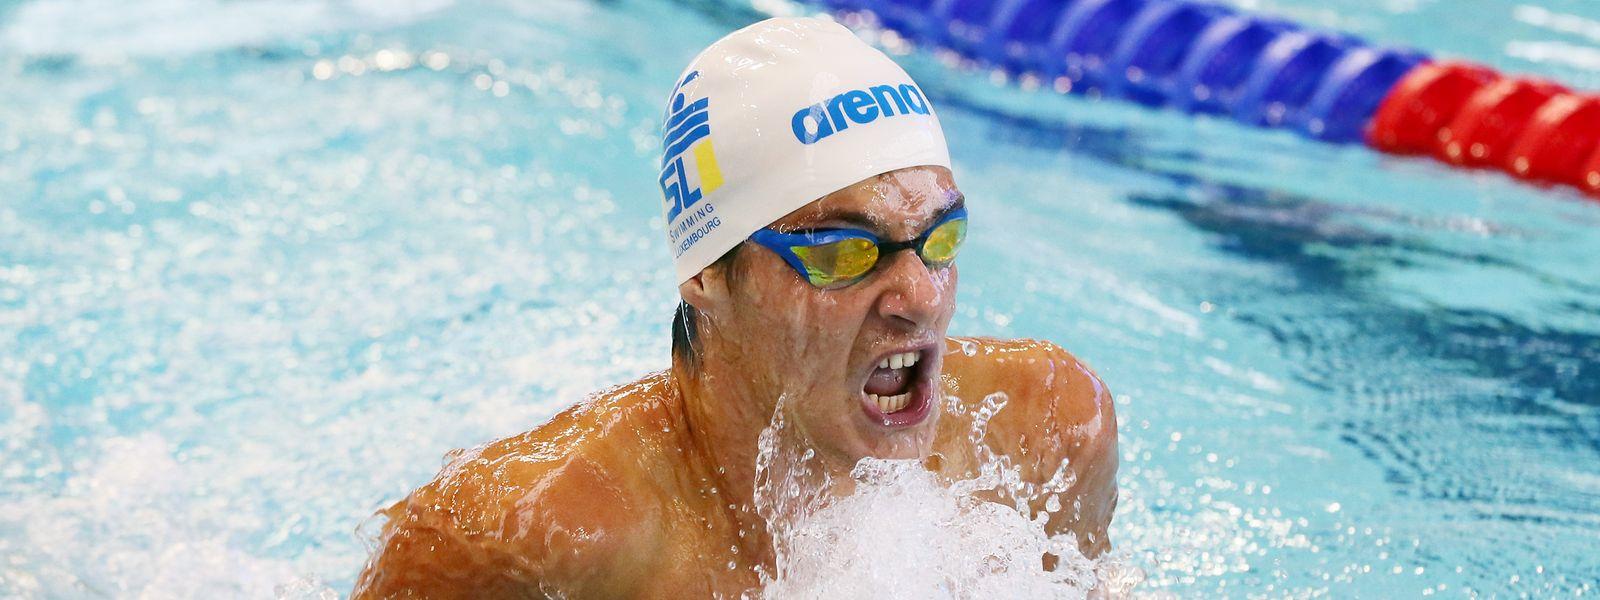 Pit Brandenburger ist einer der Elitekader-Athleten, die von den LIHPS-Strukturen im Hinblick der Olympischen Spiele 2020 profitieren.